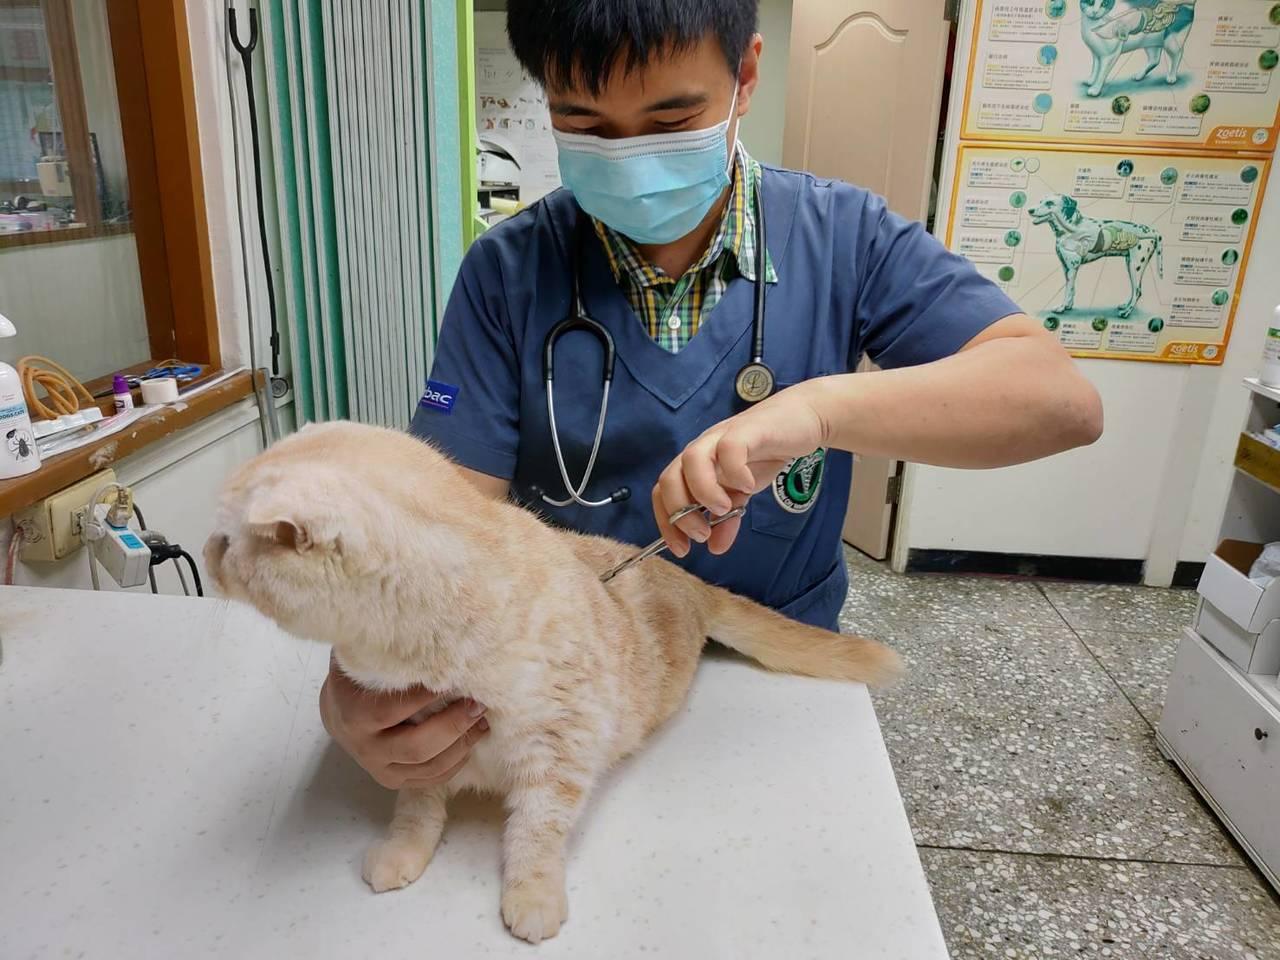 楊姓女子棄養才認養一年多的英國短毛貓,竟用郵寄到動物之家。圖/新北動保處提供